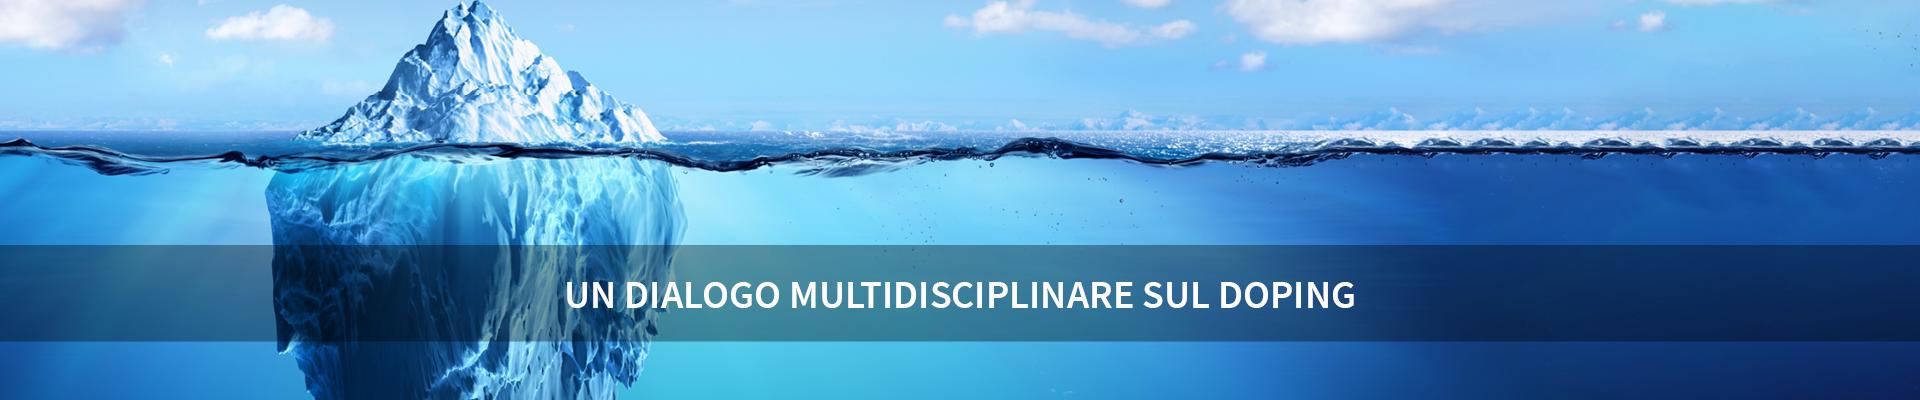 Un dialogo multidisciplinare sul Doping -